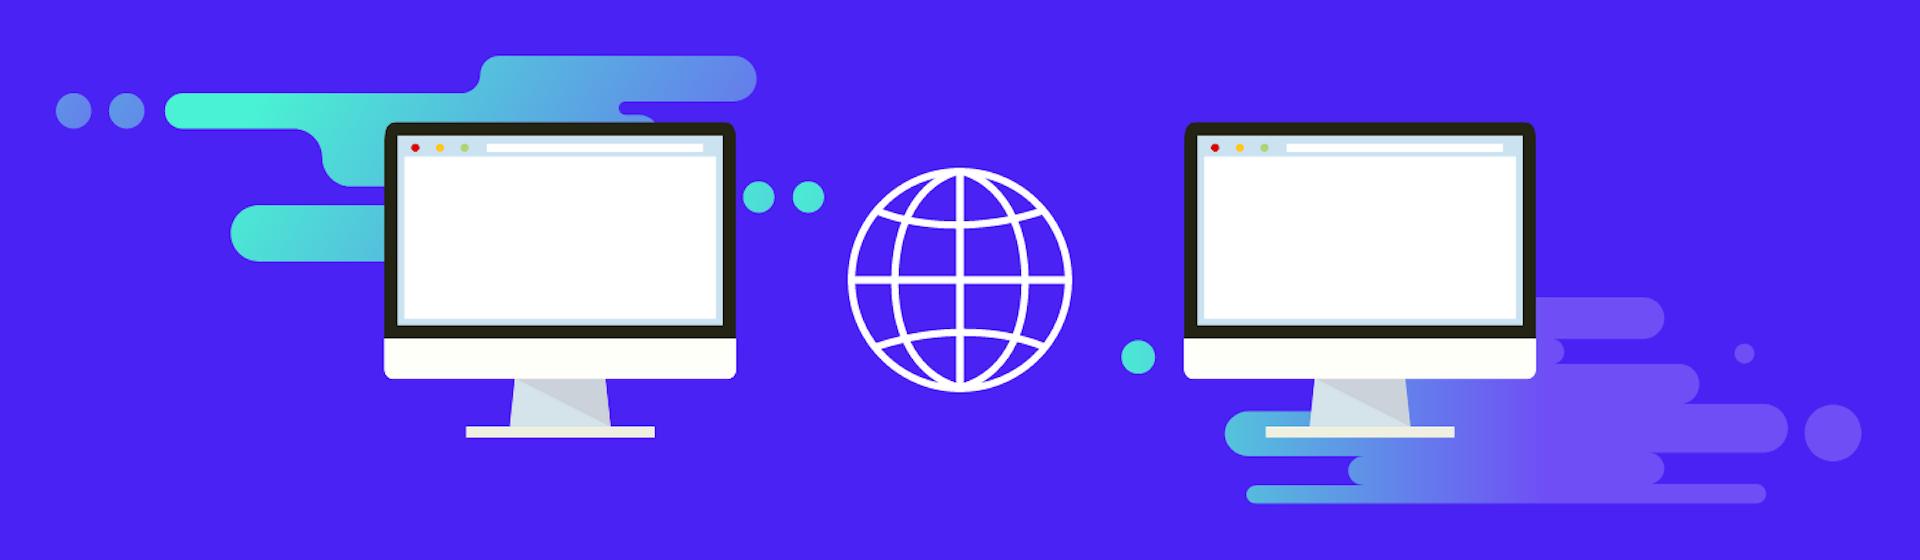 ¿Qué es un web service? Intercambio de datos a través de internet